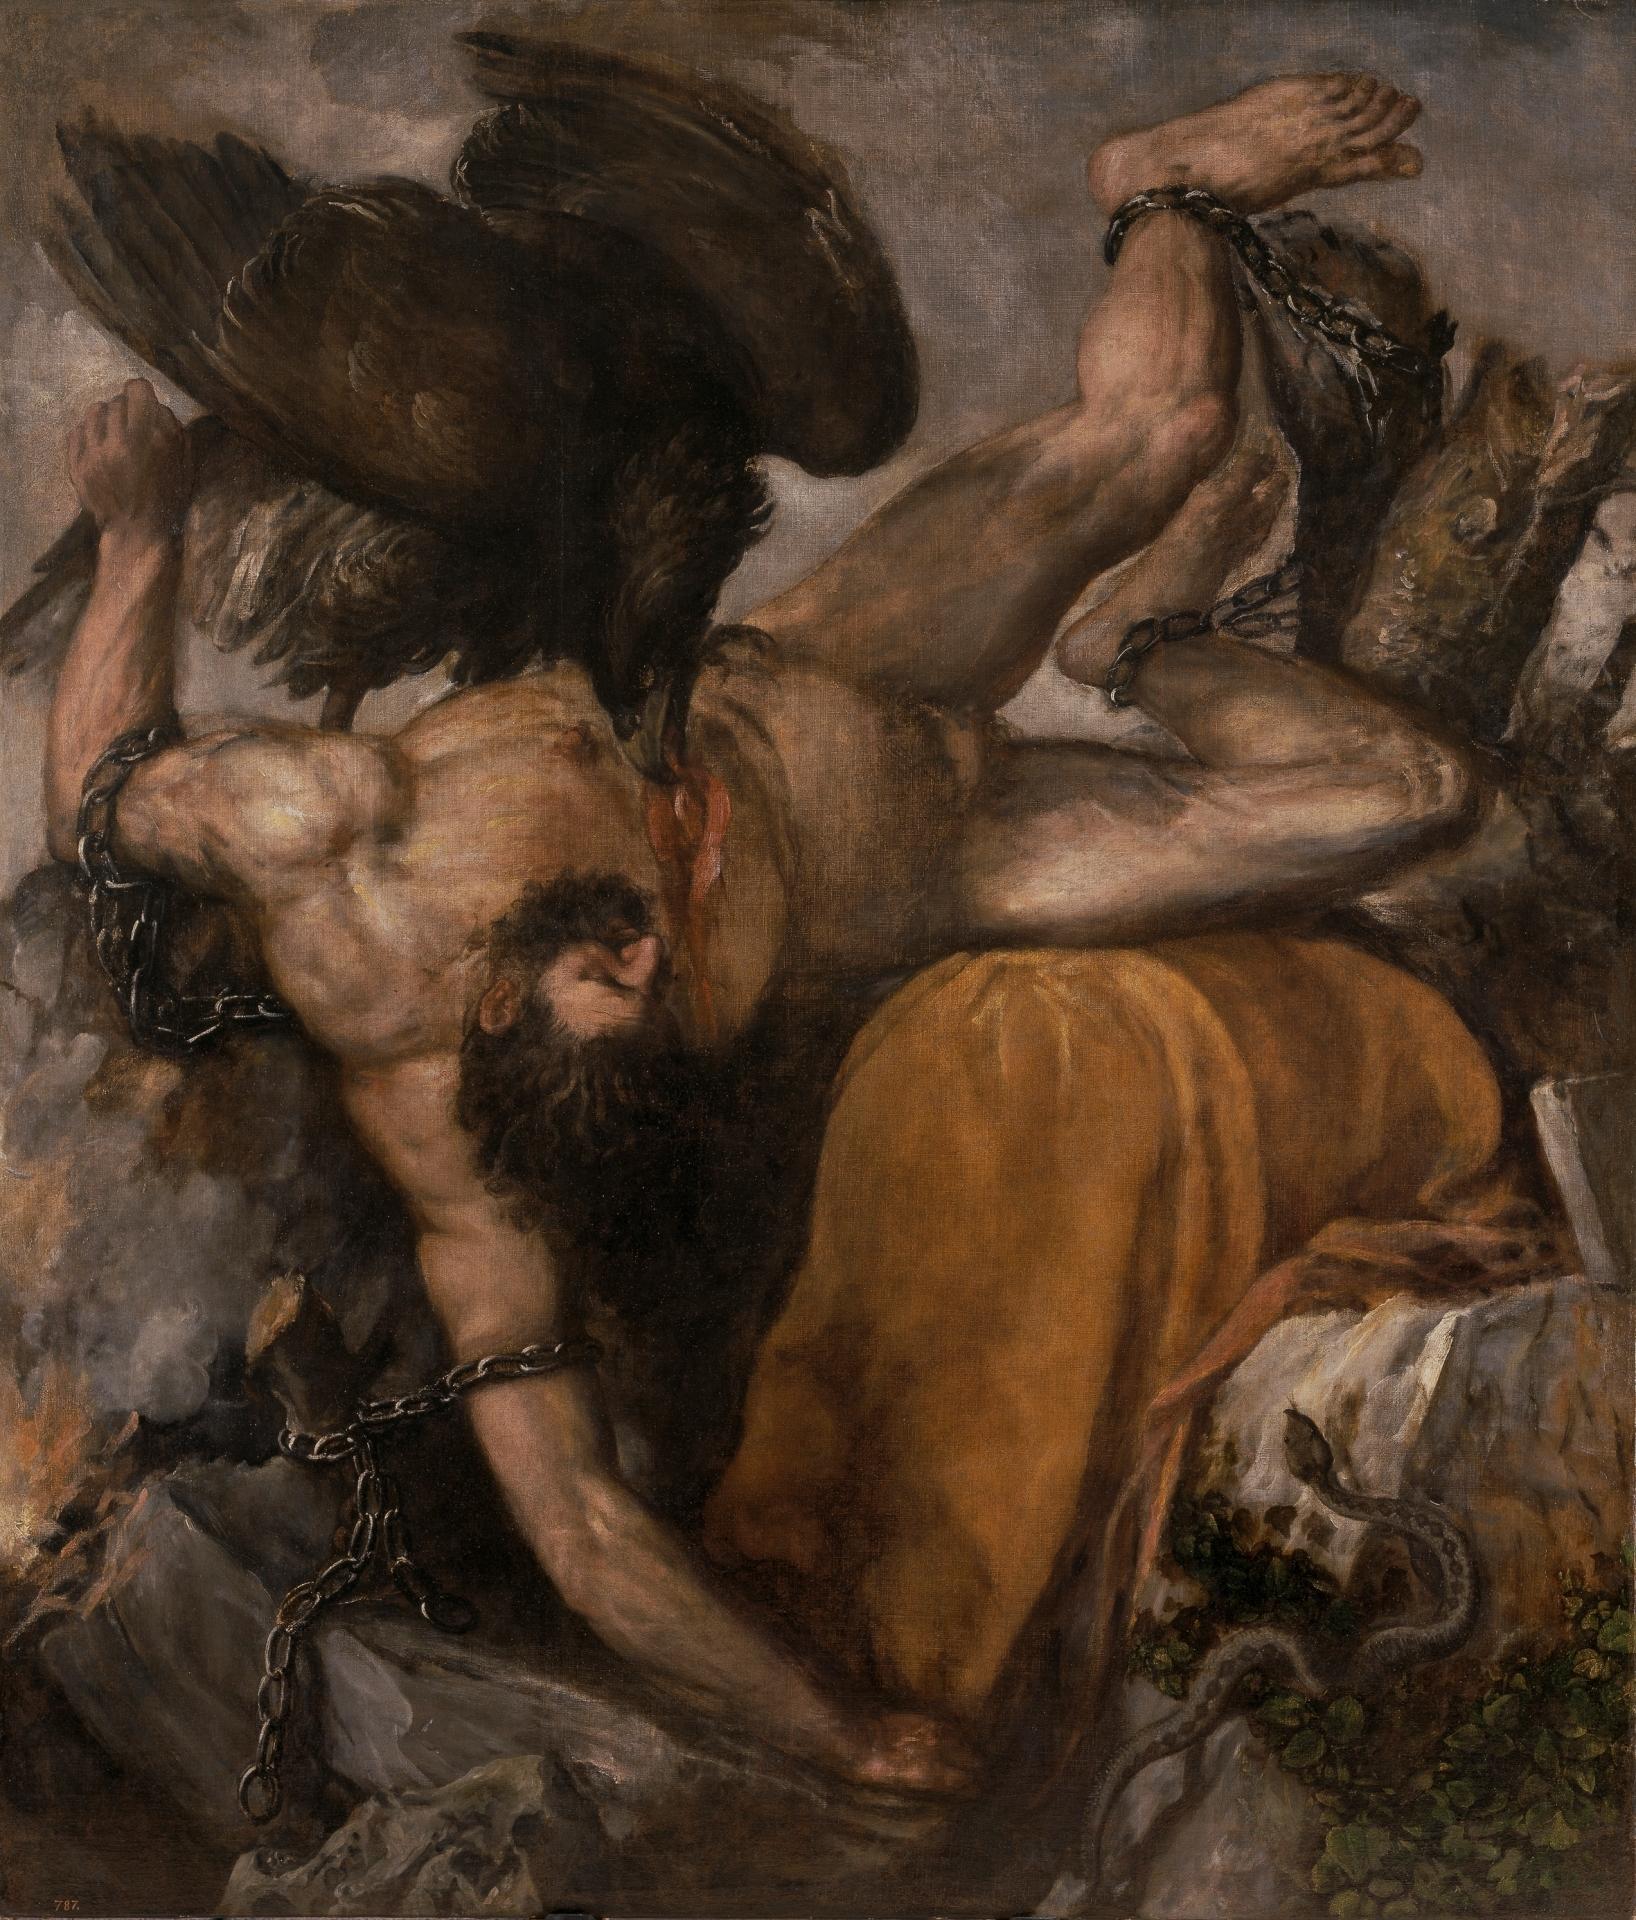 Anette Michel H tityus - the collection - museo nacional del prado